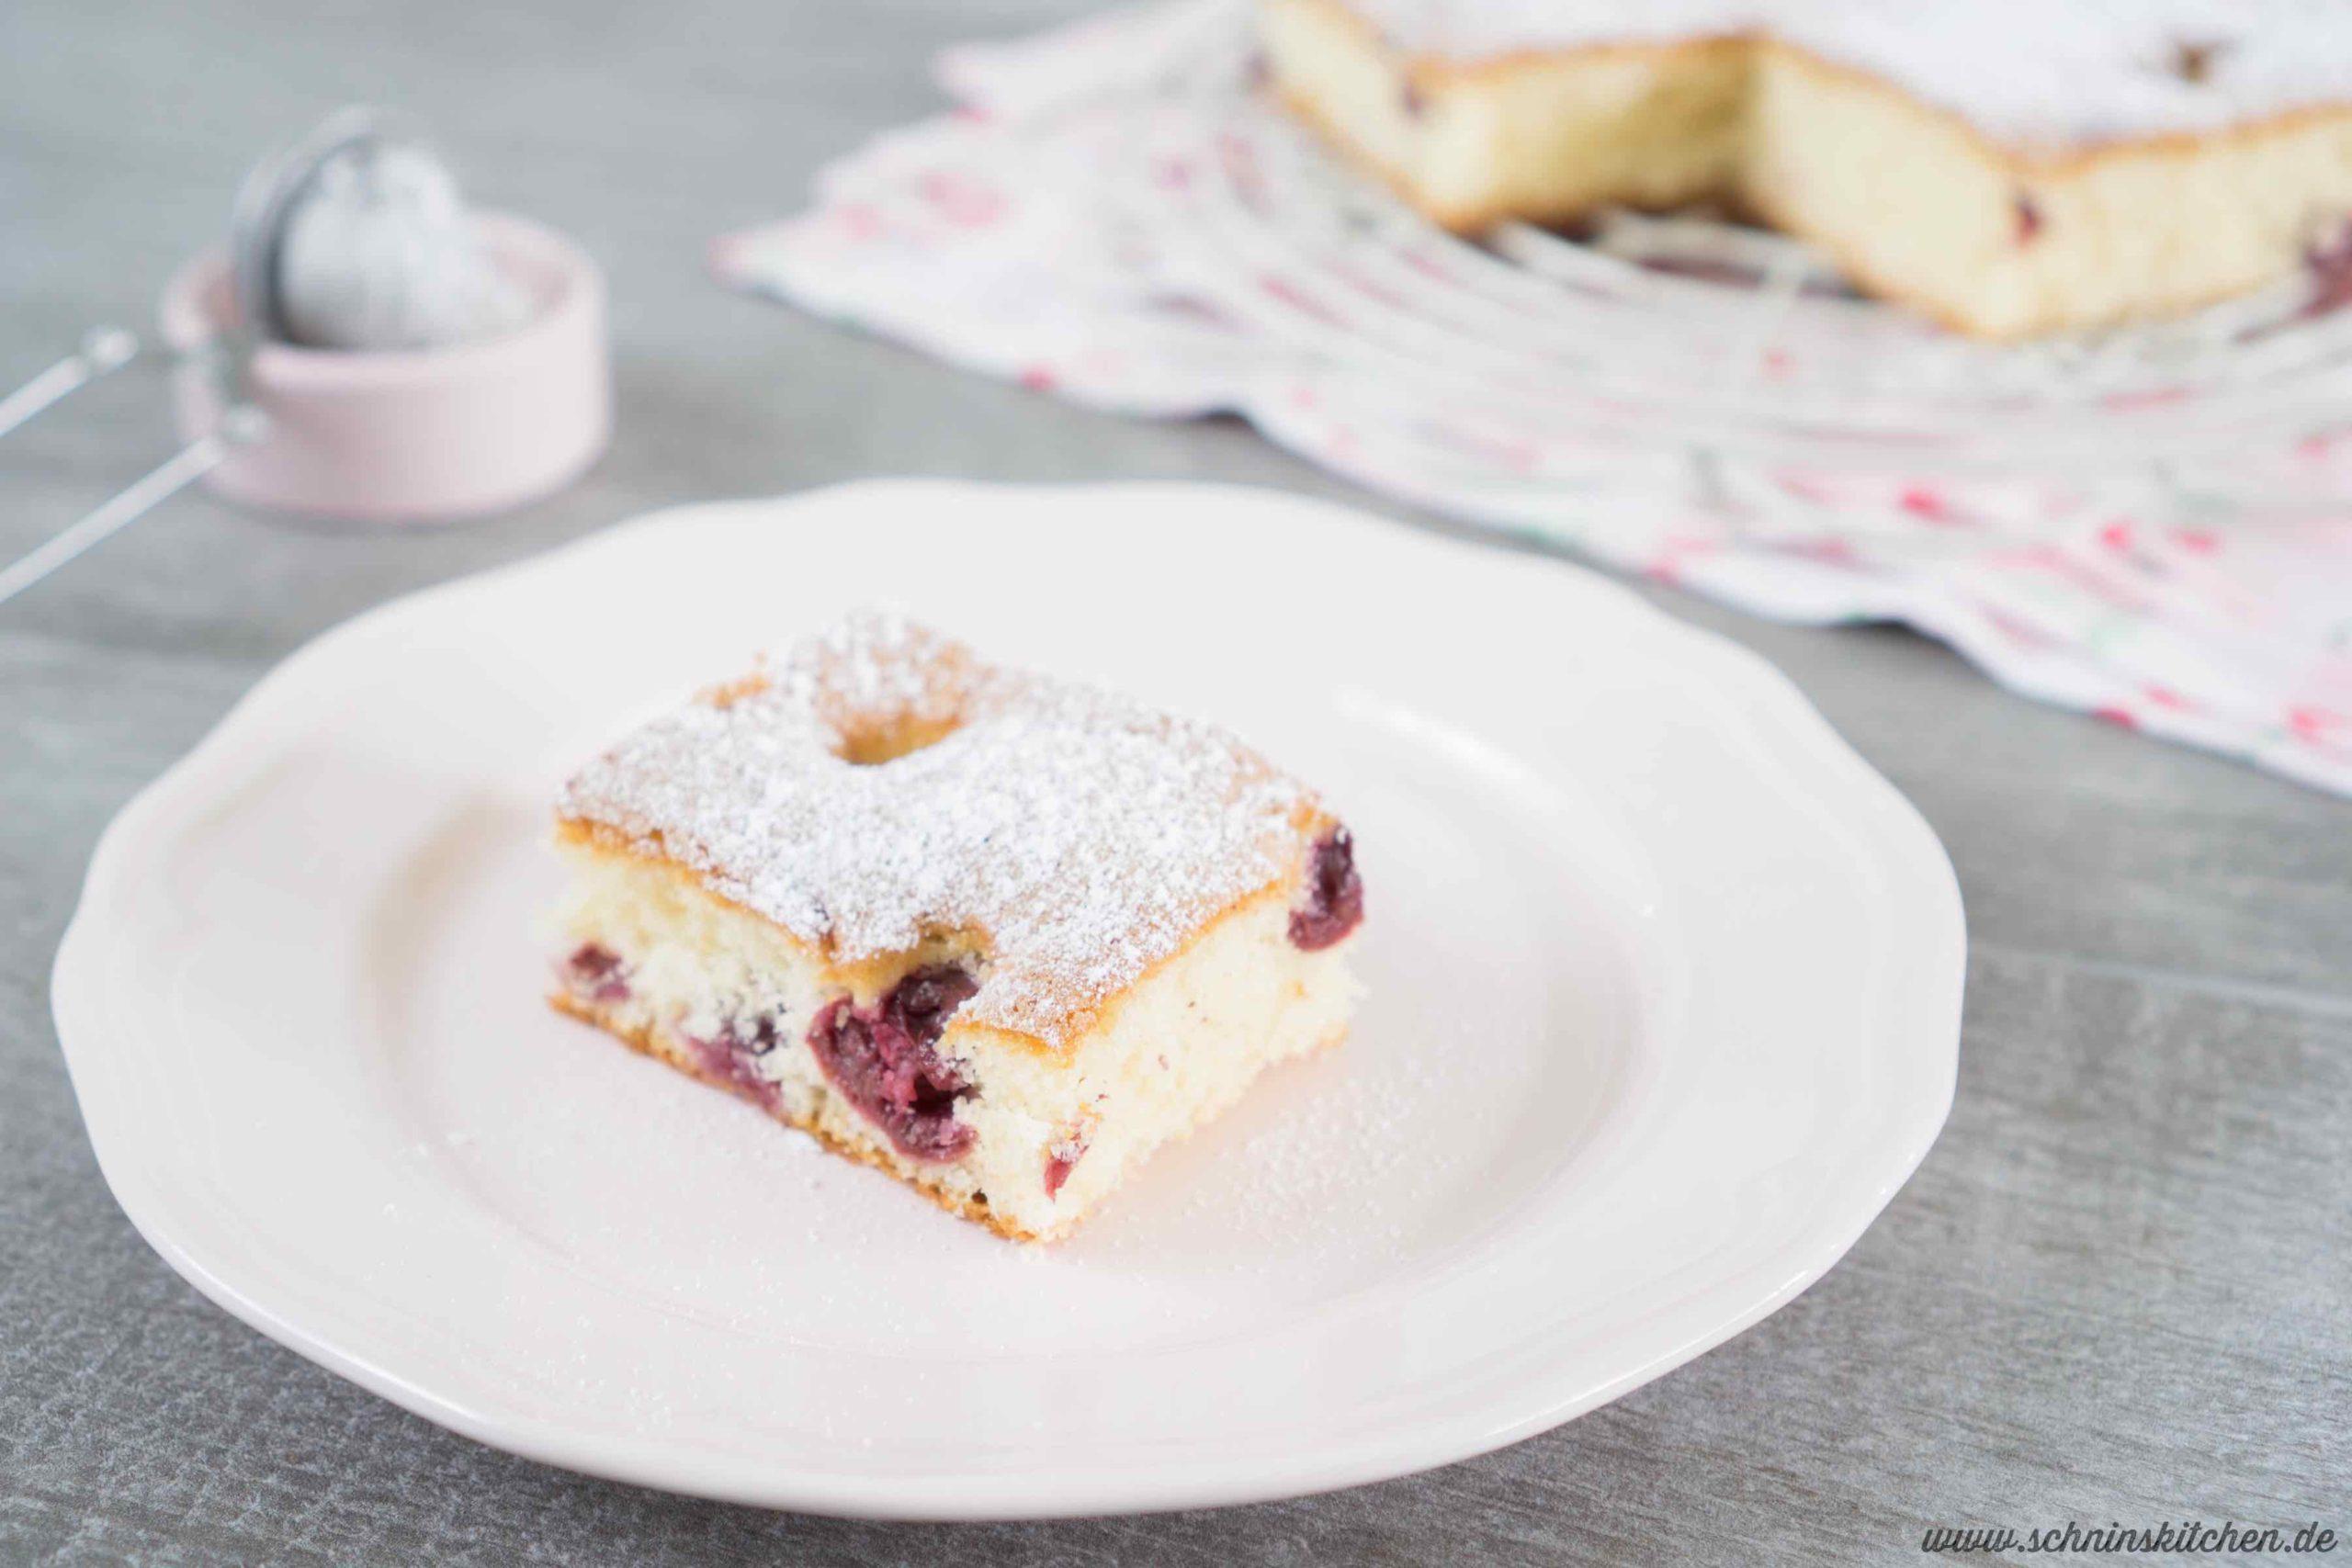 Rezept für Blitzkuchen mit Kirschen - versunkener Kirschkuchen vom Blech | www.schninskitchen.de